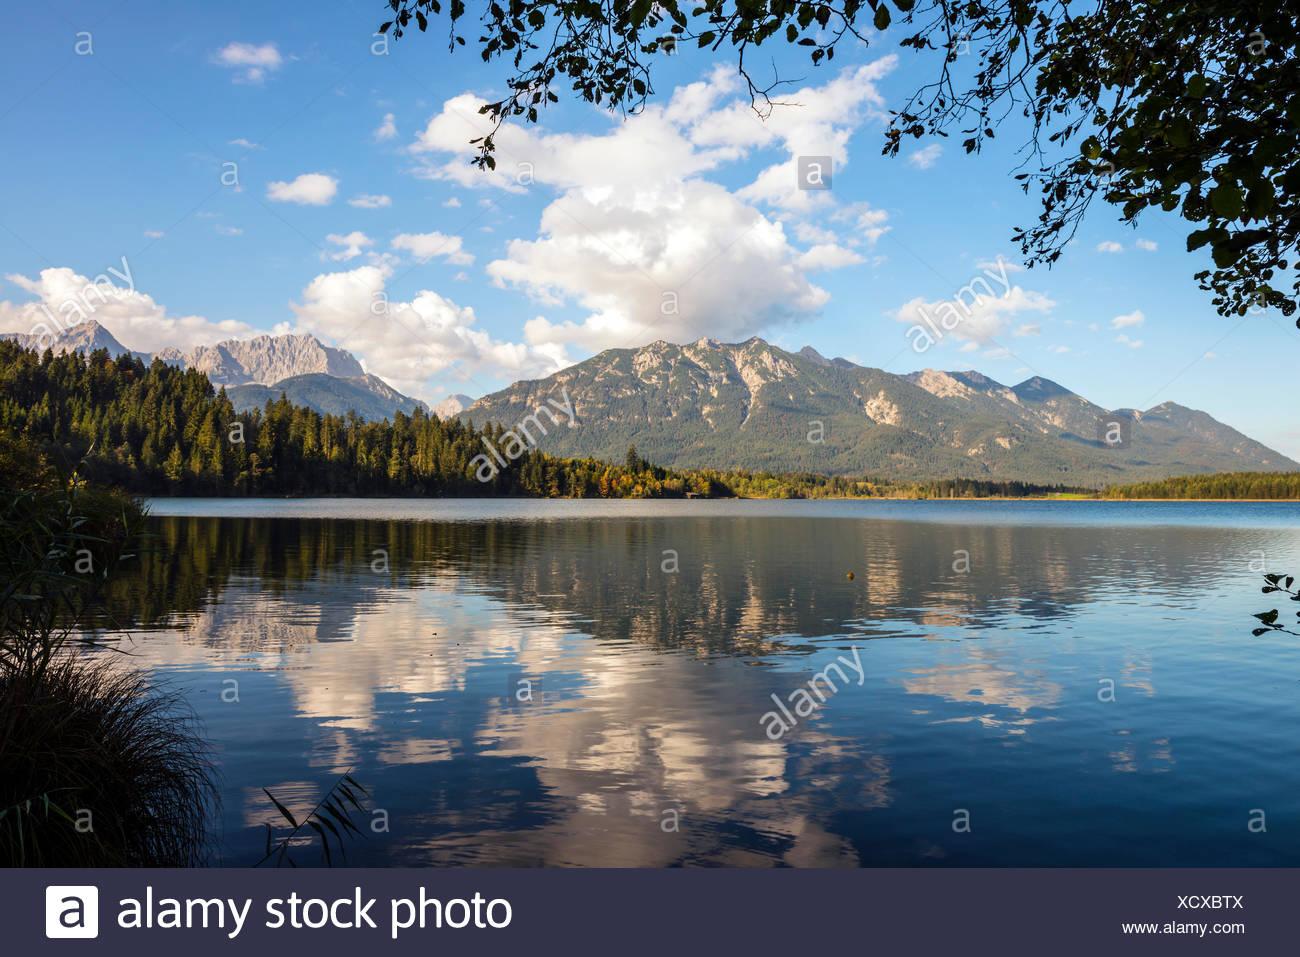 Barmsee bei KrŸn, Soiergruppe, Karwendel, Werdenfelser Land, Oberbayern, Bayern, Deutschland, Stock Photo